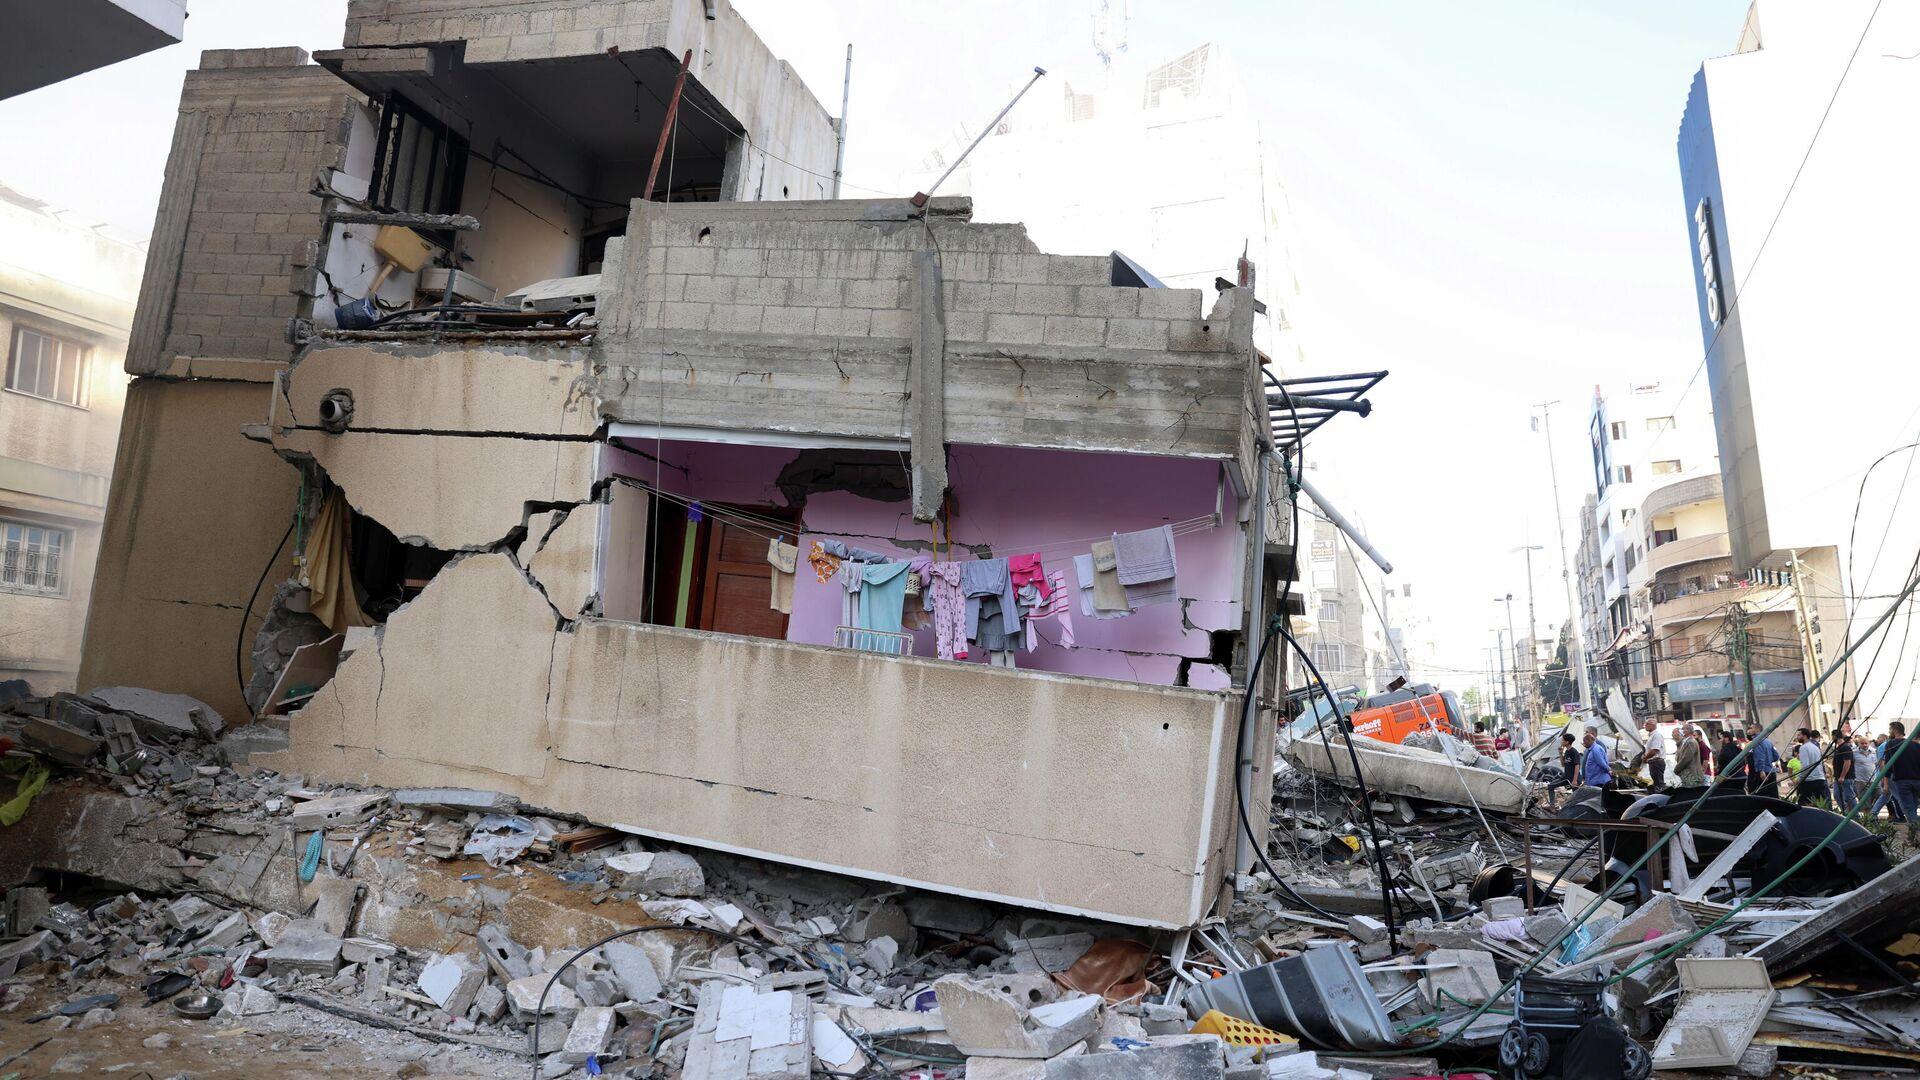 Las consecuencias del ataque israelí en Gaza, el 16 de mayo de 2021 - Sputnik Mundo, 1920, 16.05.2021